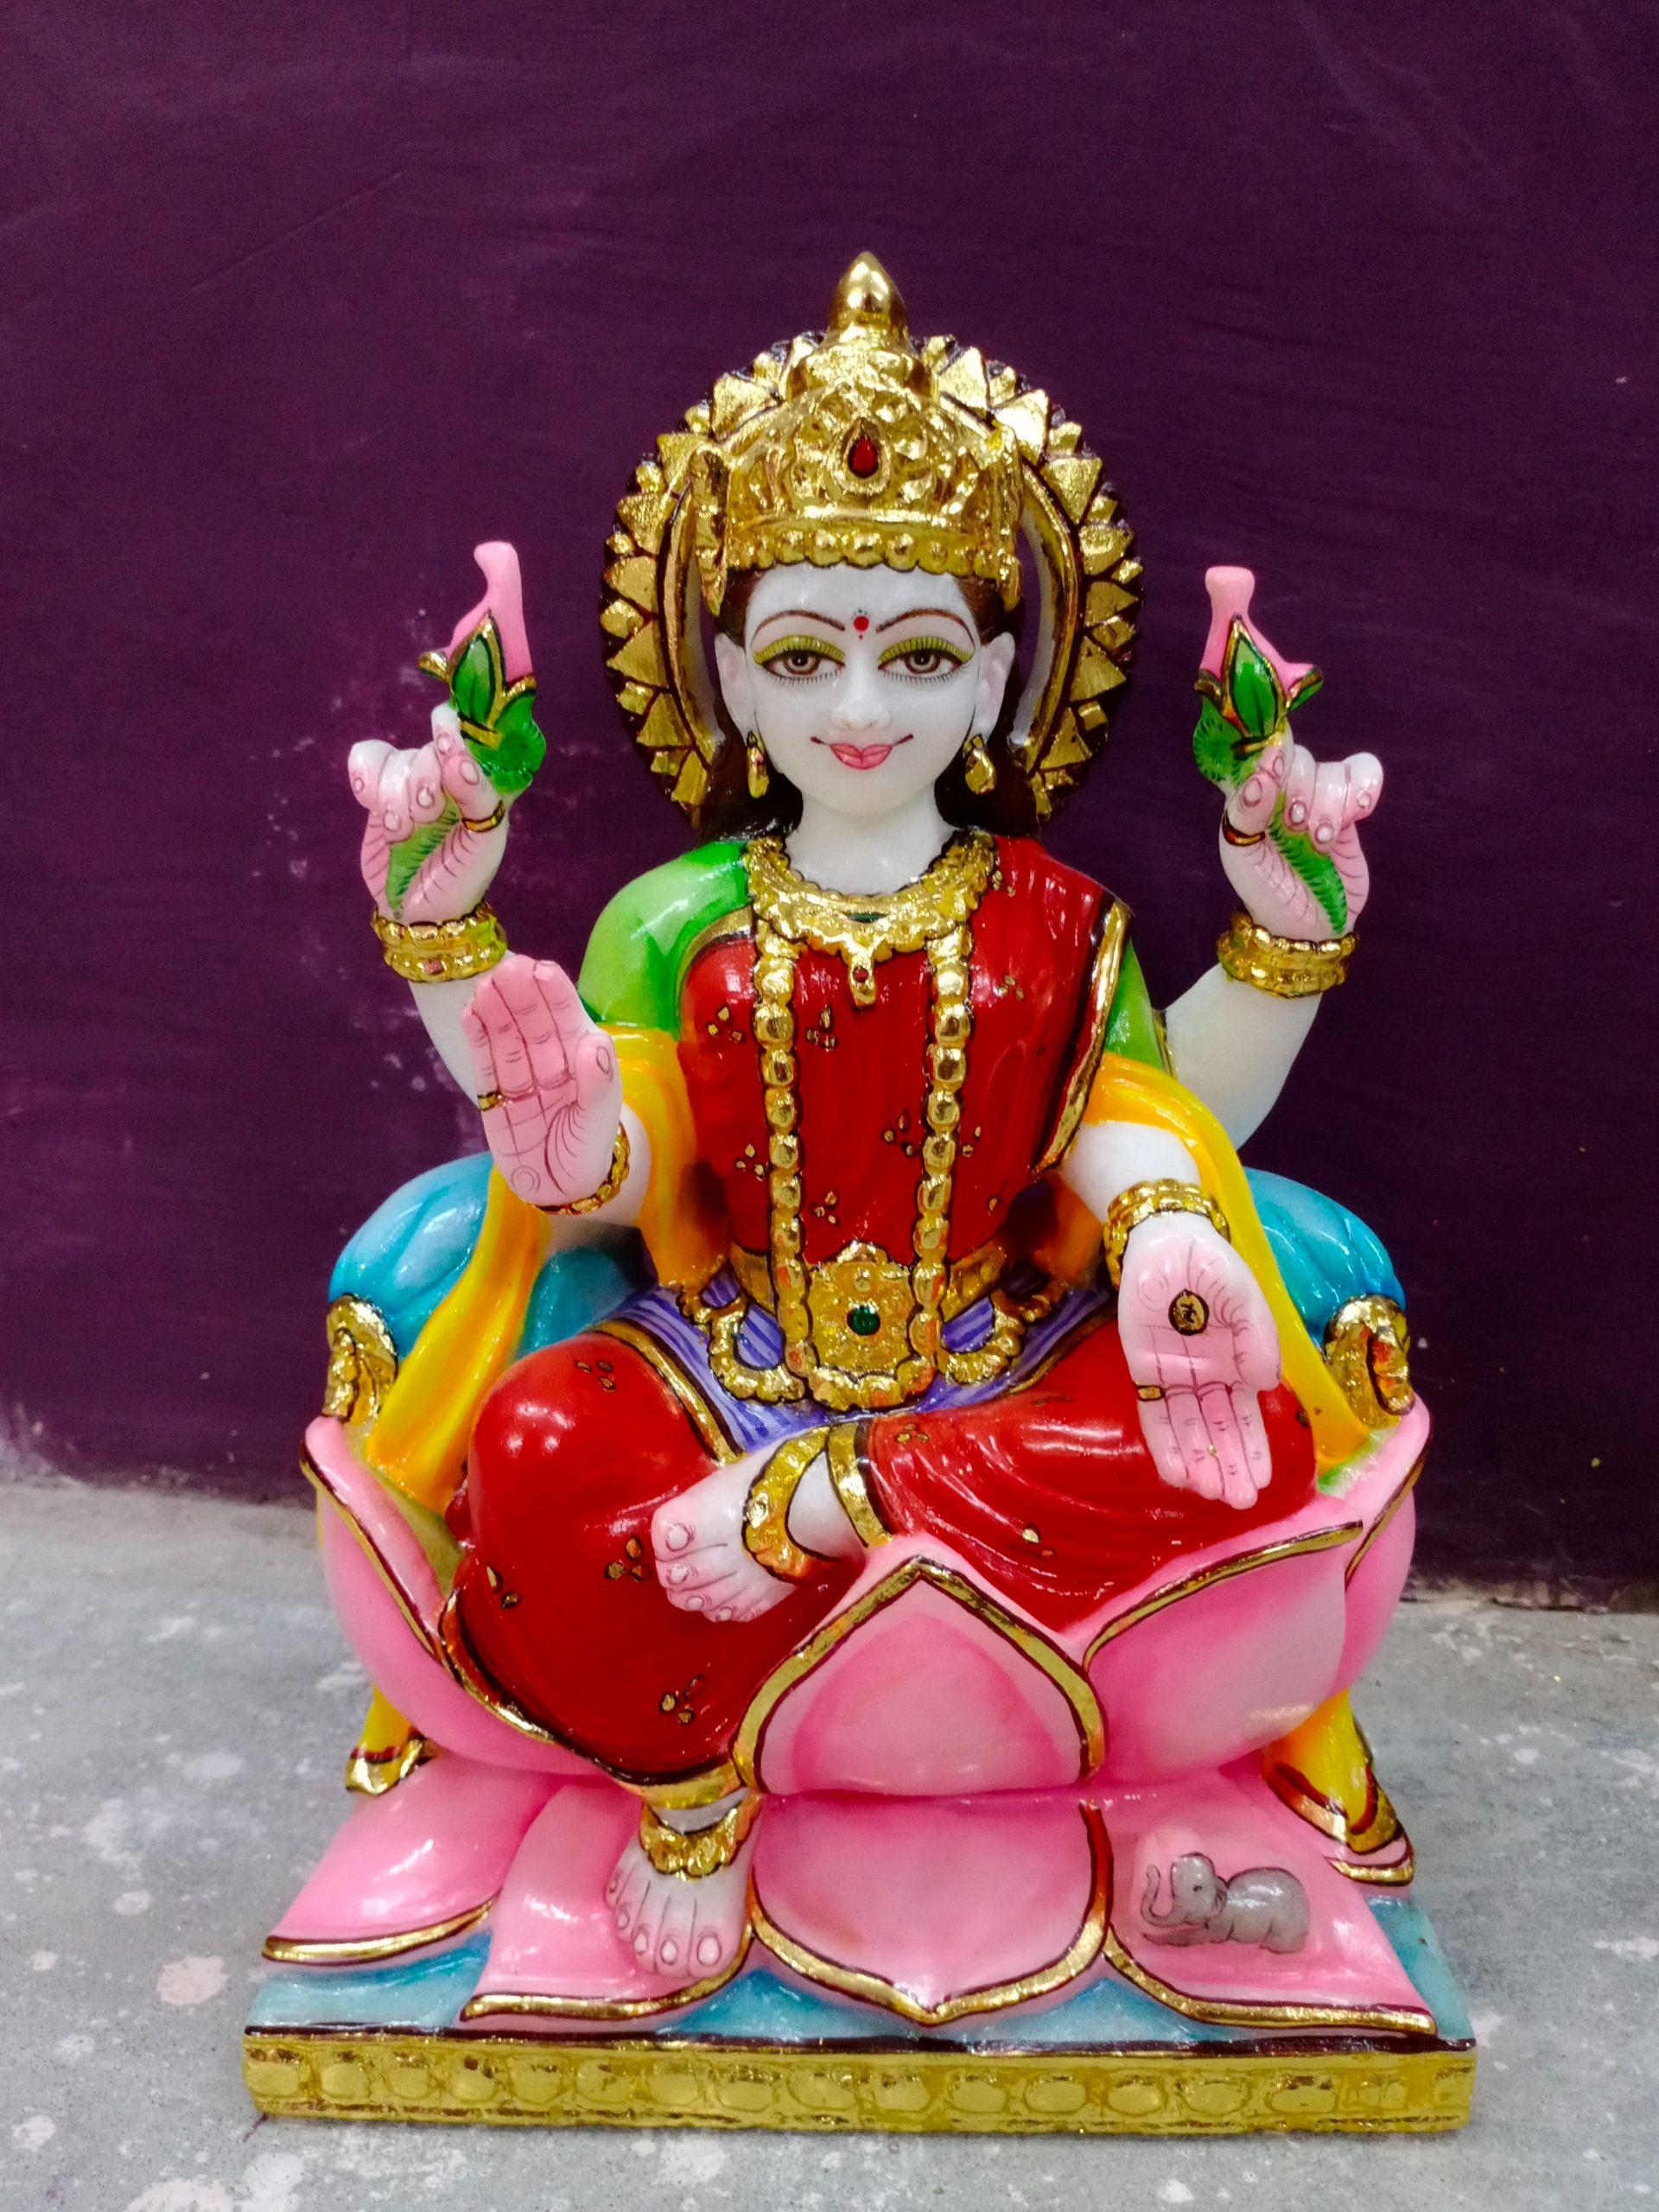 lakshmi seated in a lotus